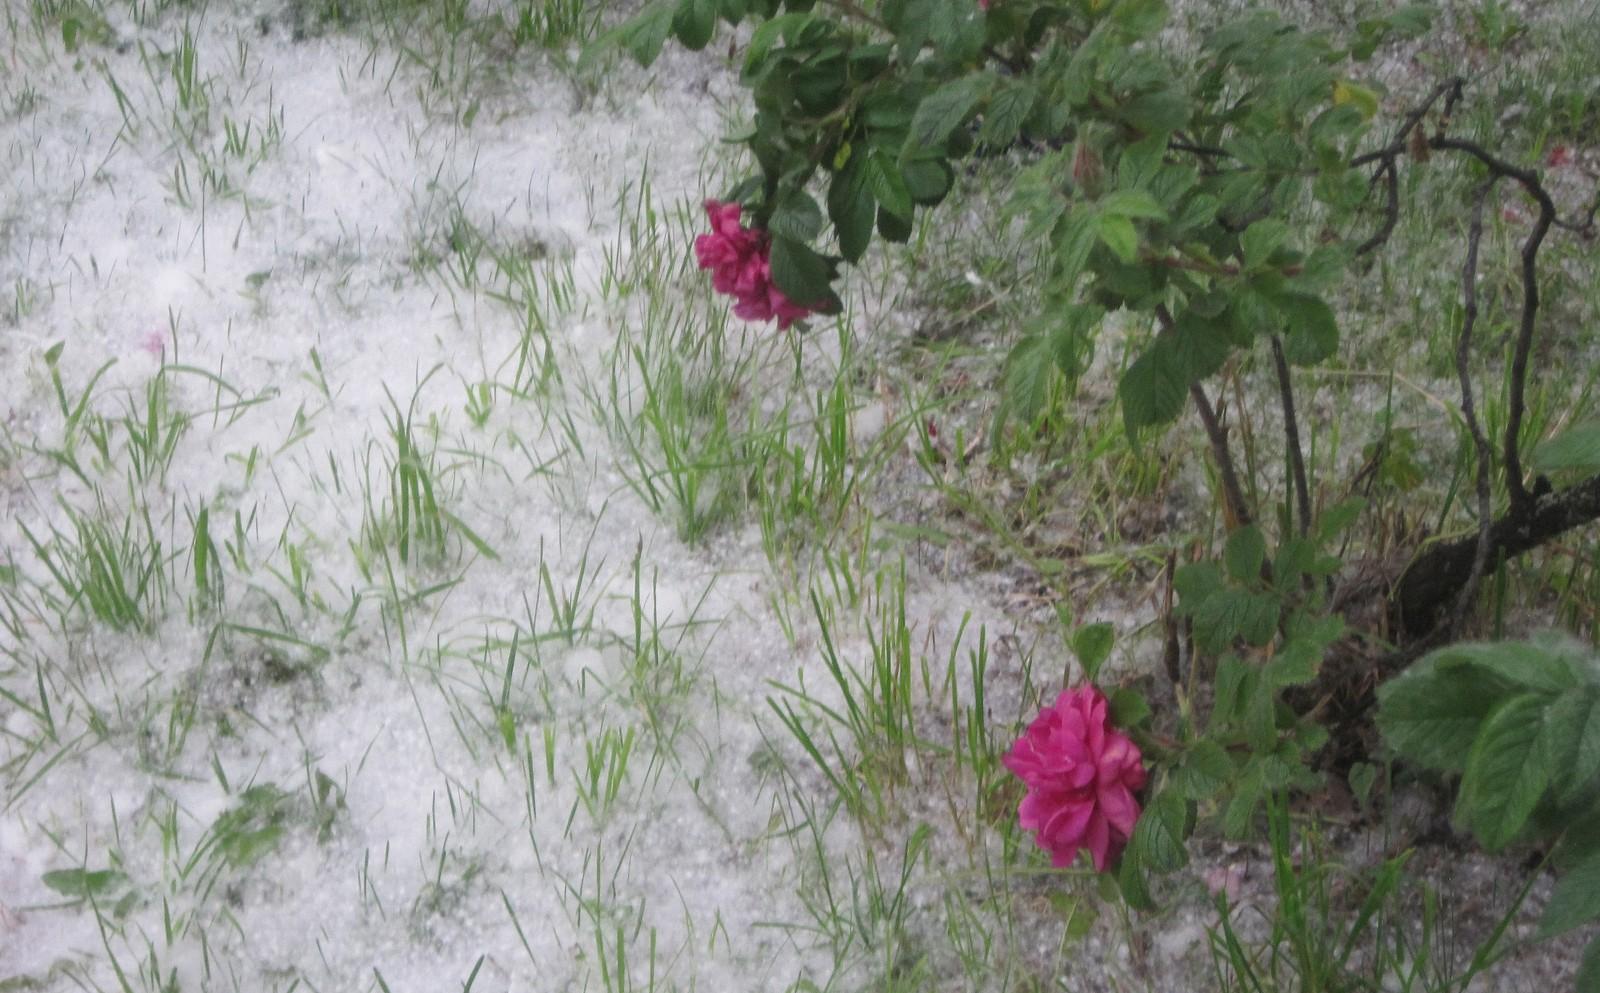 """Blomster-""""fluff"""" fra kjempepopler gir vintermagi ved Døvekirken i Trondheim"""